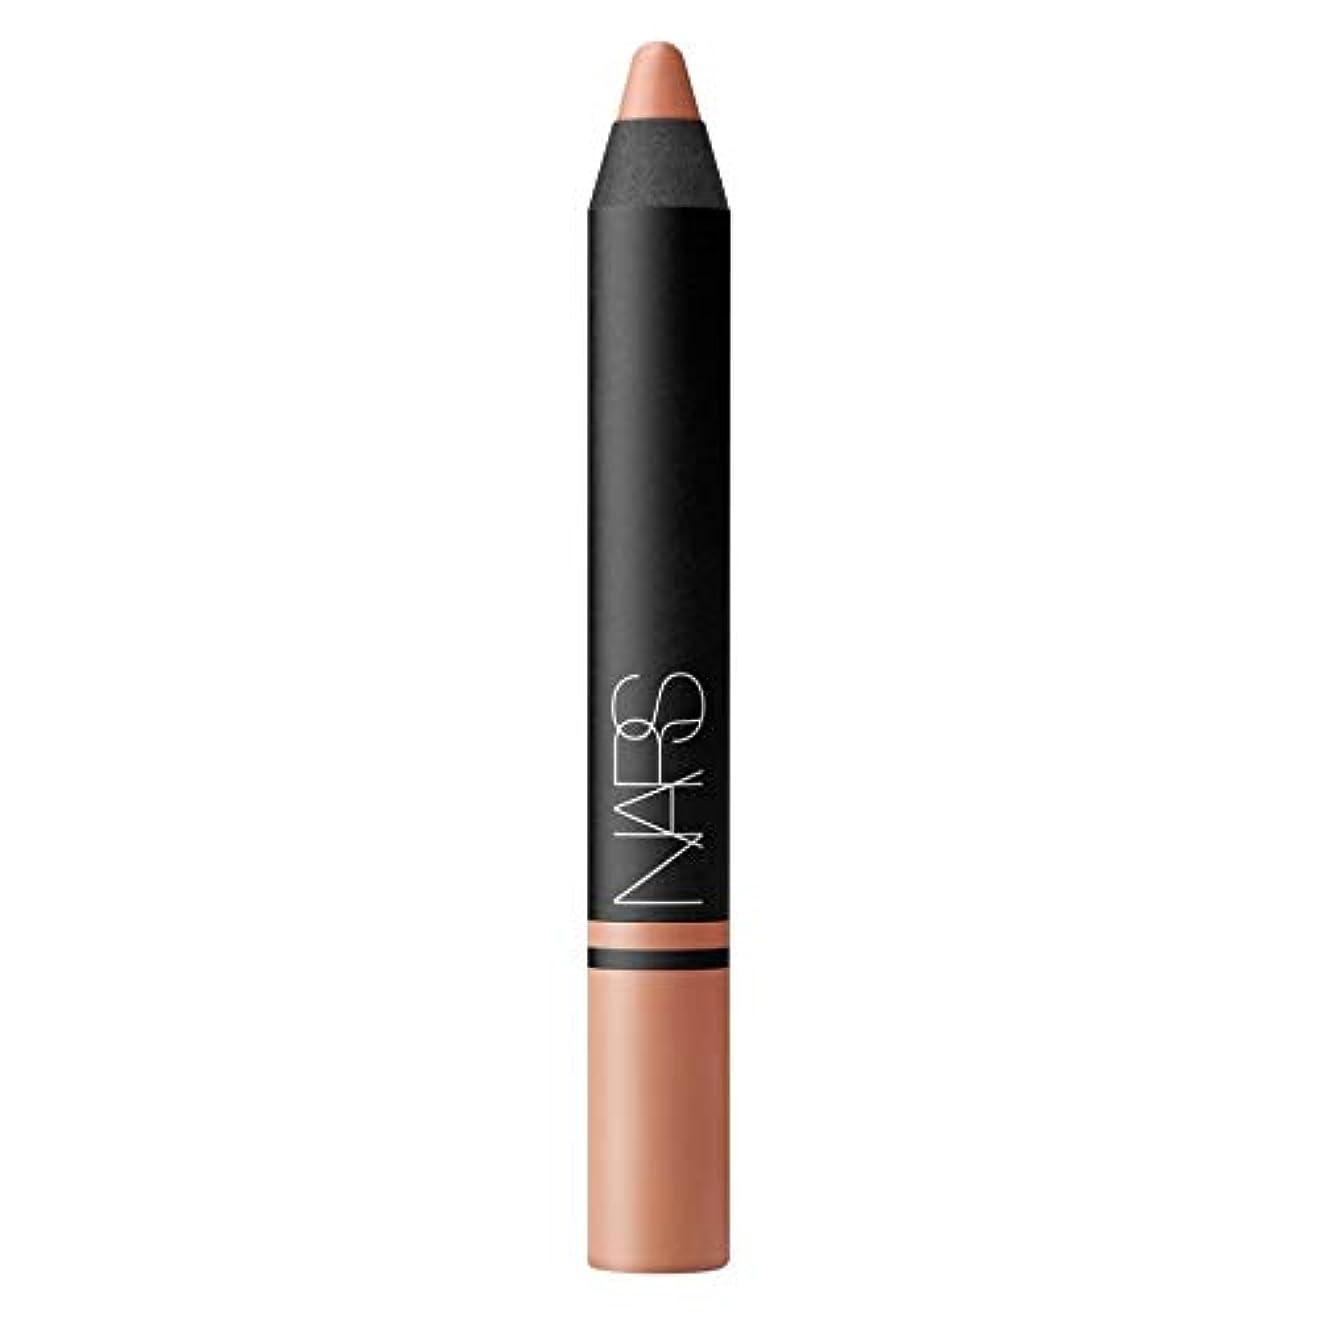 強制的殺人ファンド[NARS] ビスケーン公園でのNarサテンリップペンシル - Nars Satin Lip Pencil in Biscayne Park [並行輸入品]